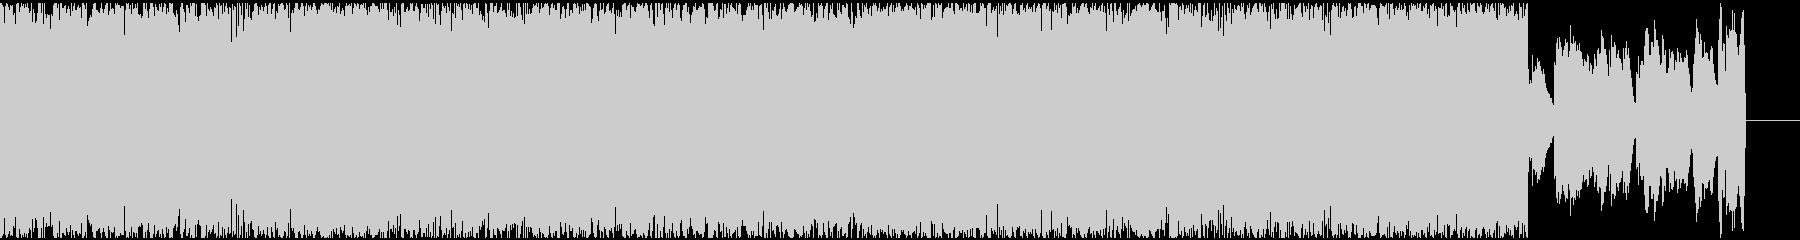 ボーカルチョップが癖になるブチアゲBGMの未再生の波形